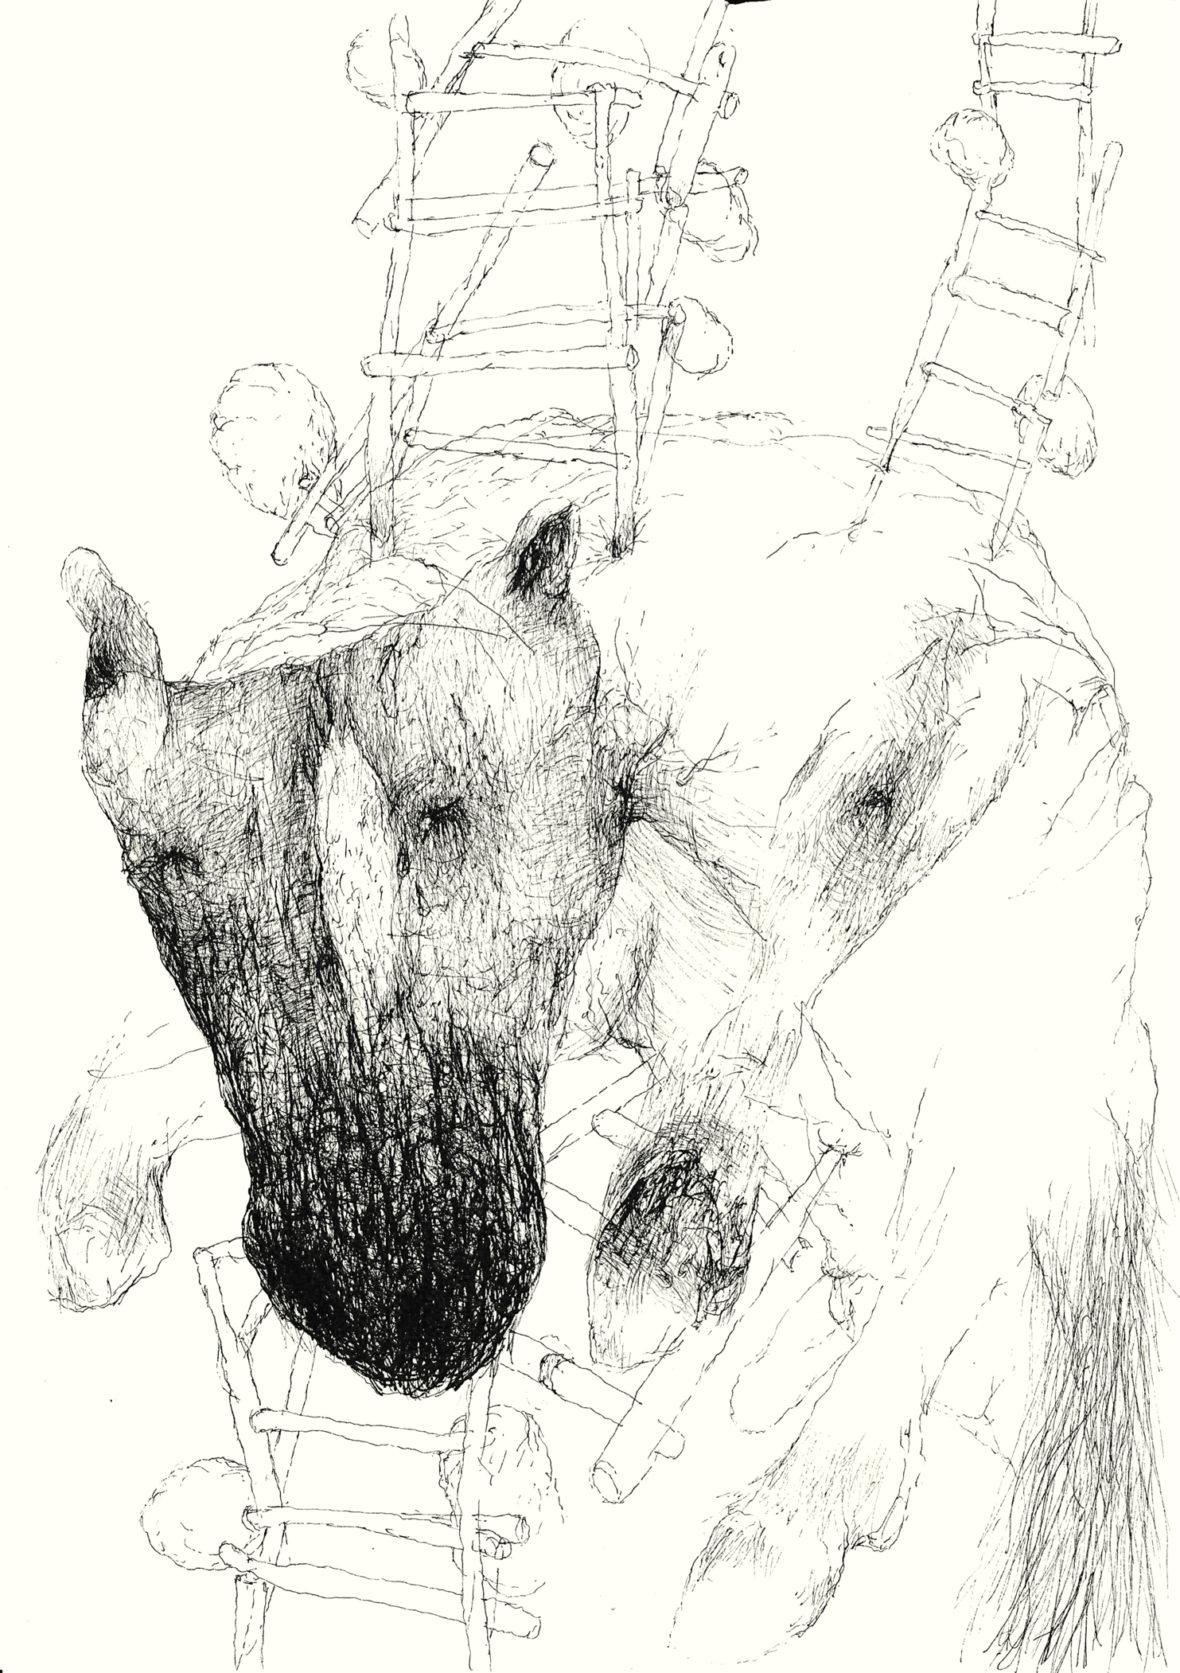 Blind pony